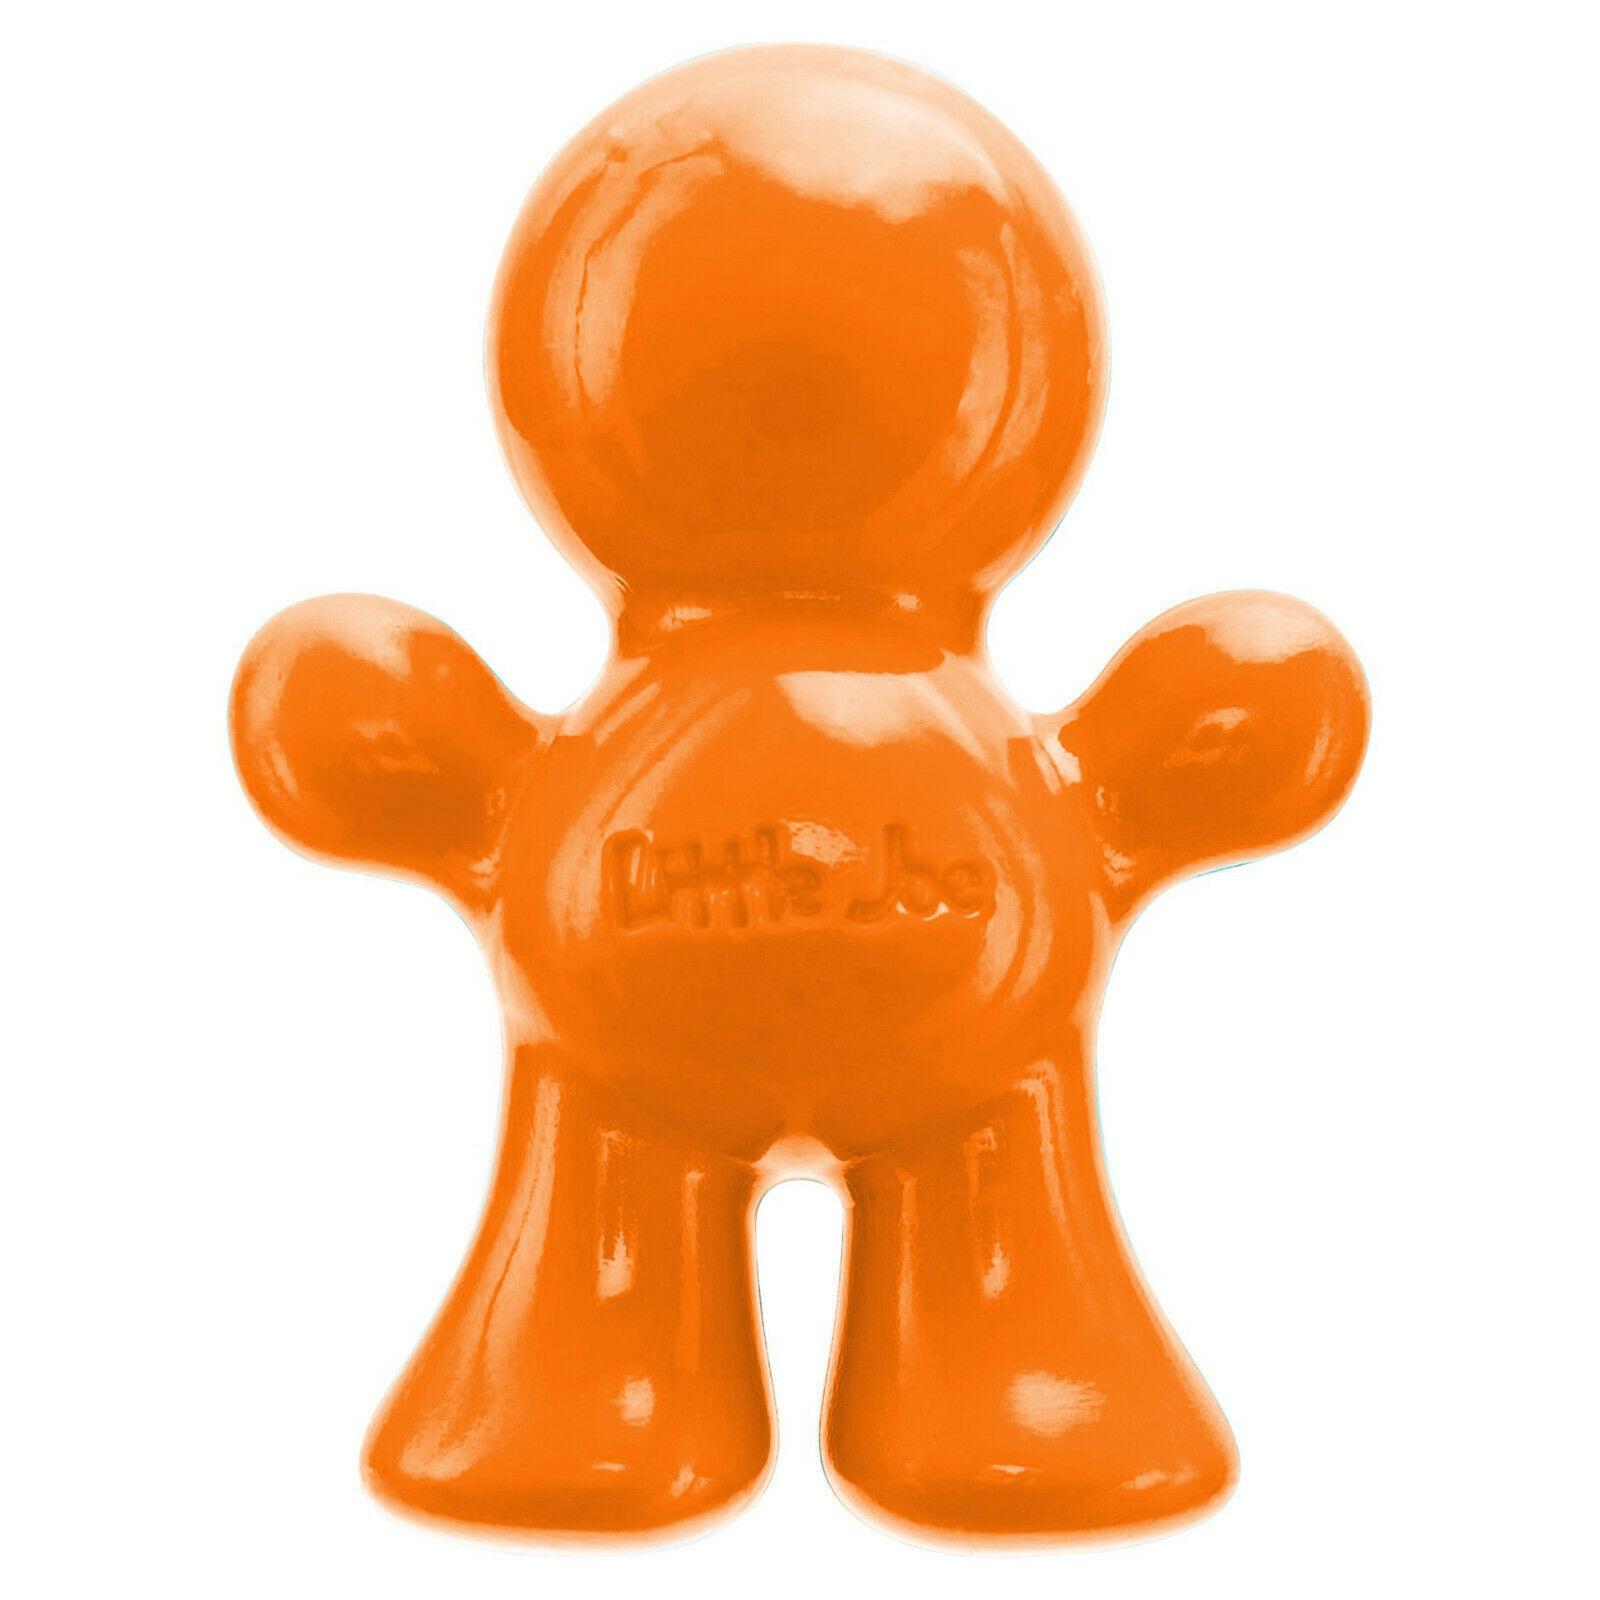 Little Joe Lufterfrischer - Auswahl: Orange Fruit